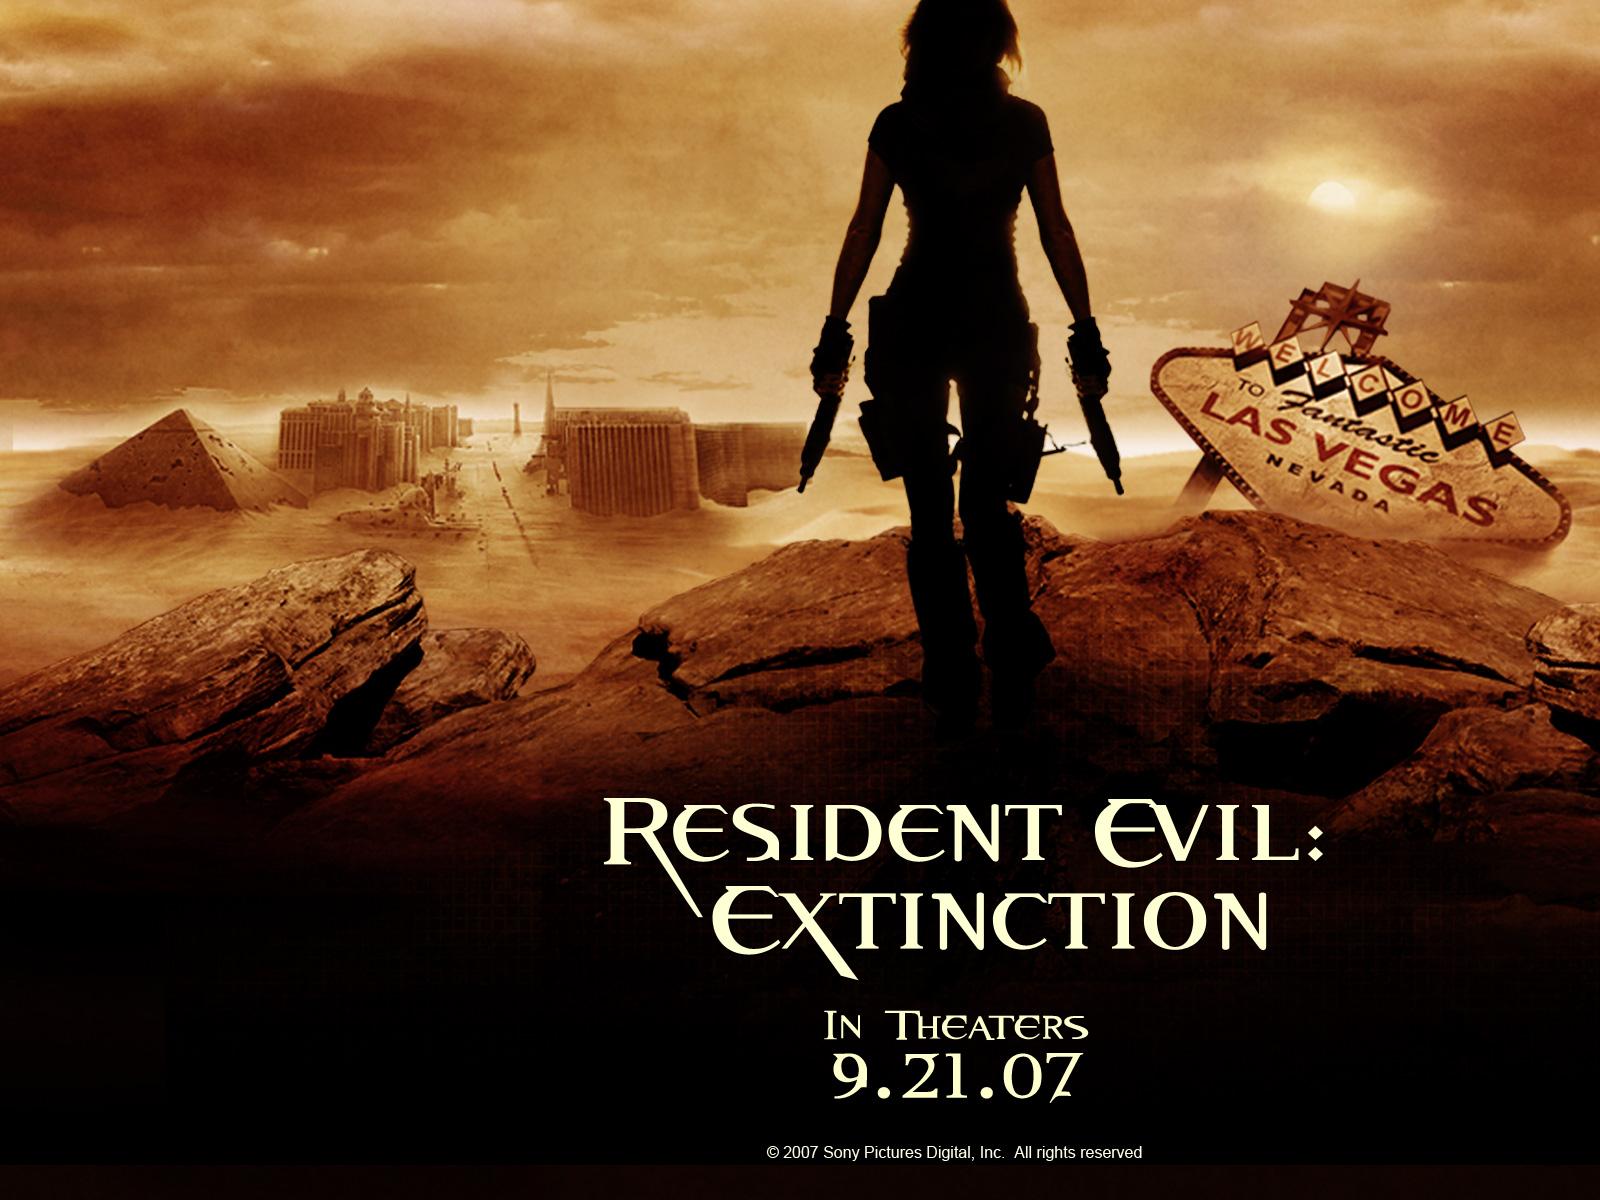 http://3.bp.blogspot.com/_8BAqTqwJqKw/S_QHxRGLOLI/AAAAAAAAAPY/GZH0yzXi3Ao/s1600/resident_evil_extinction1.jpg